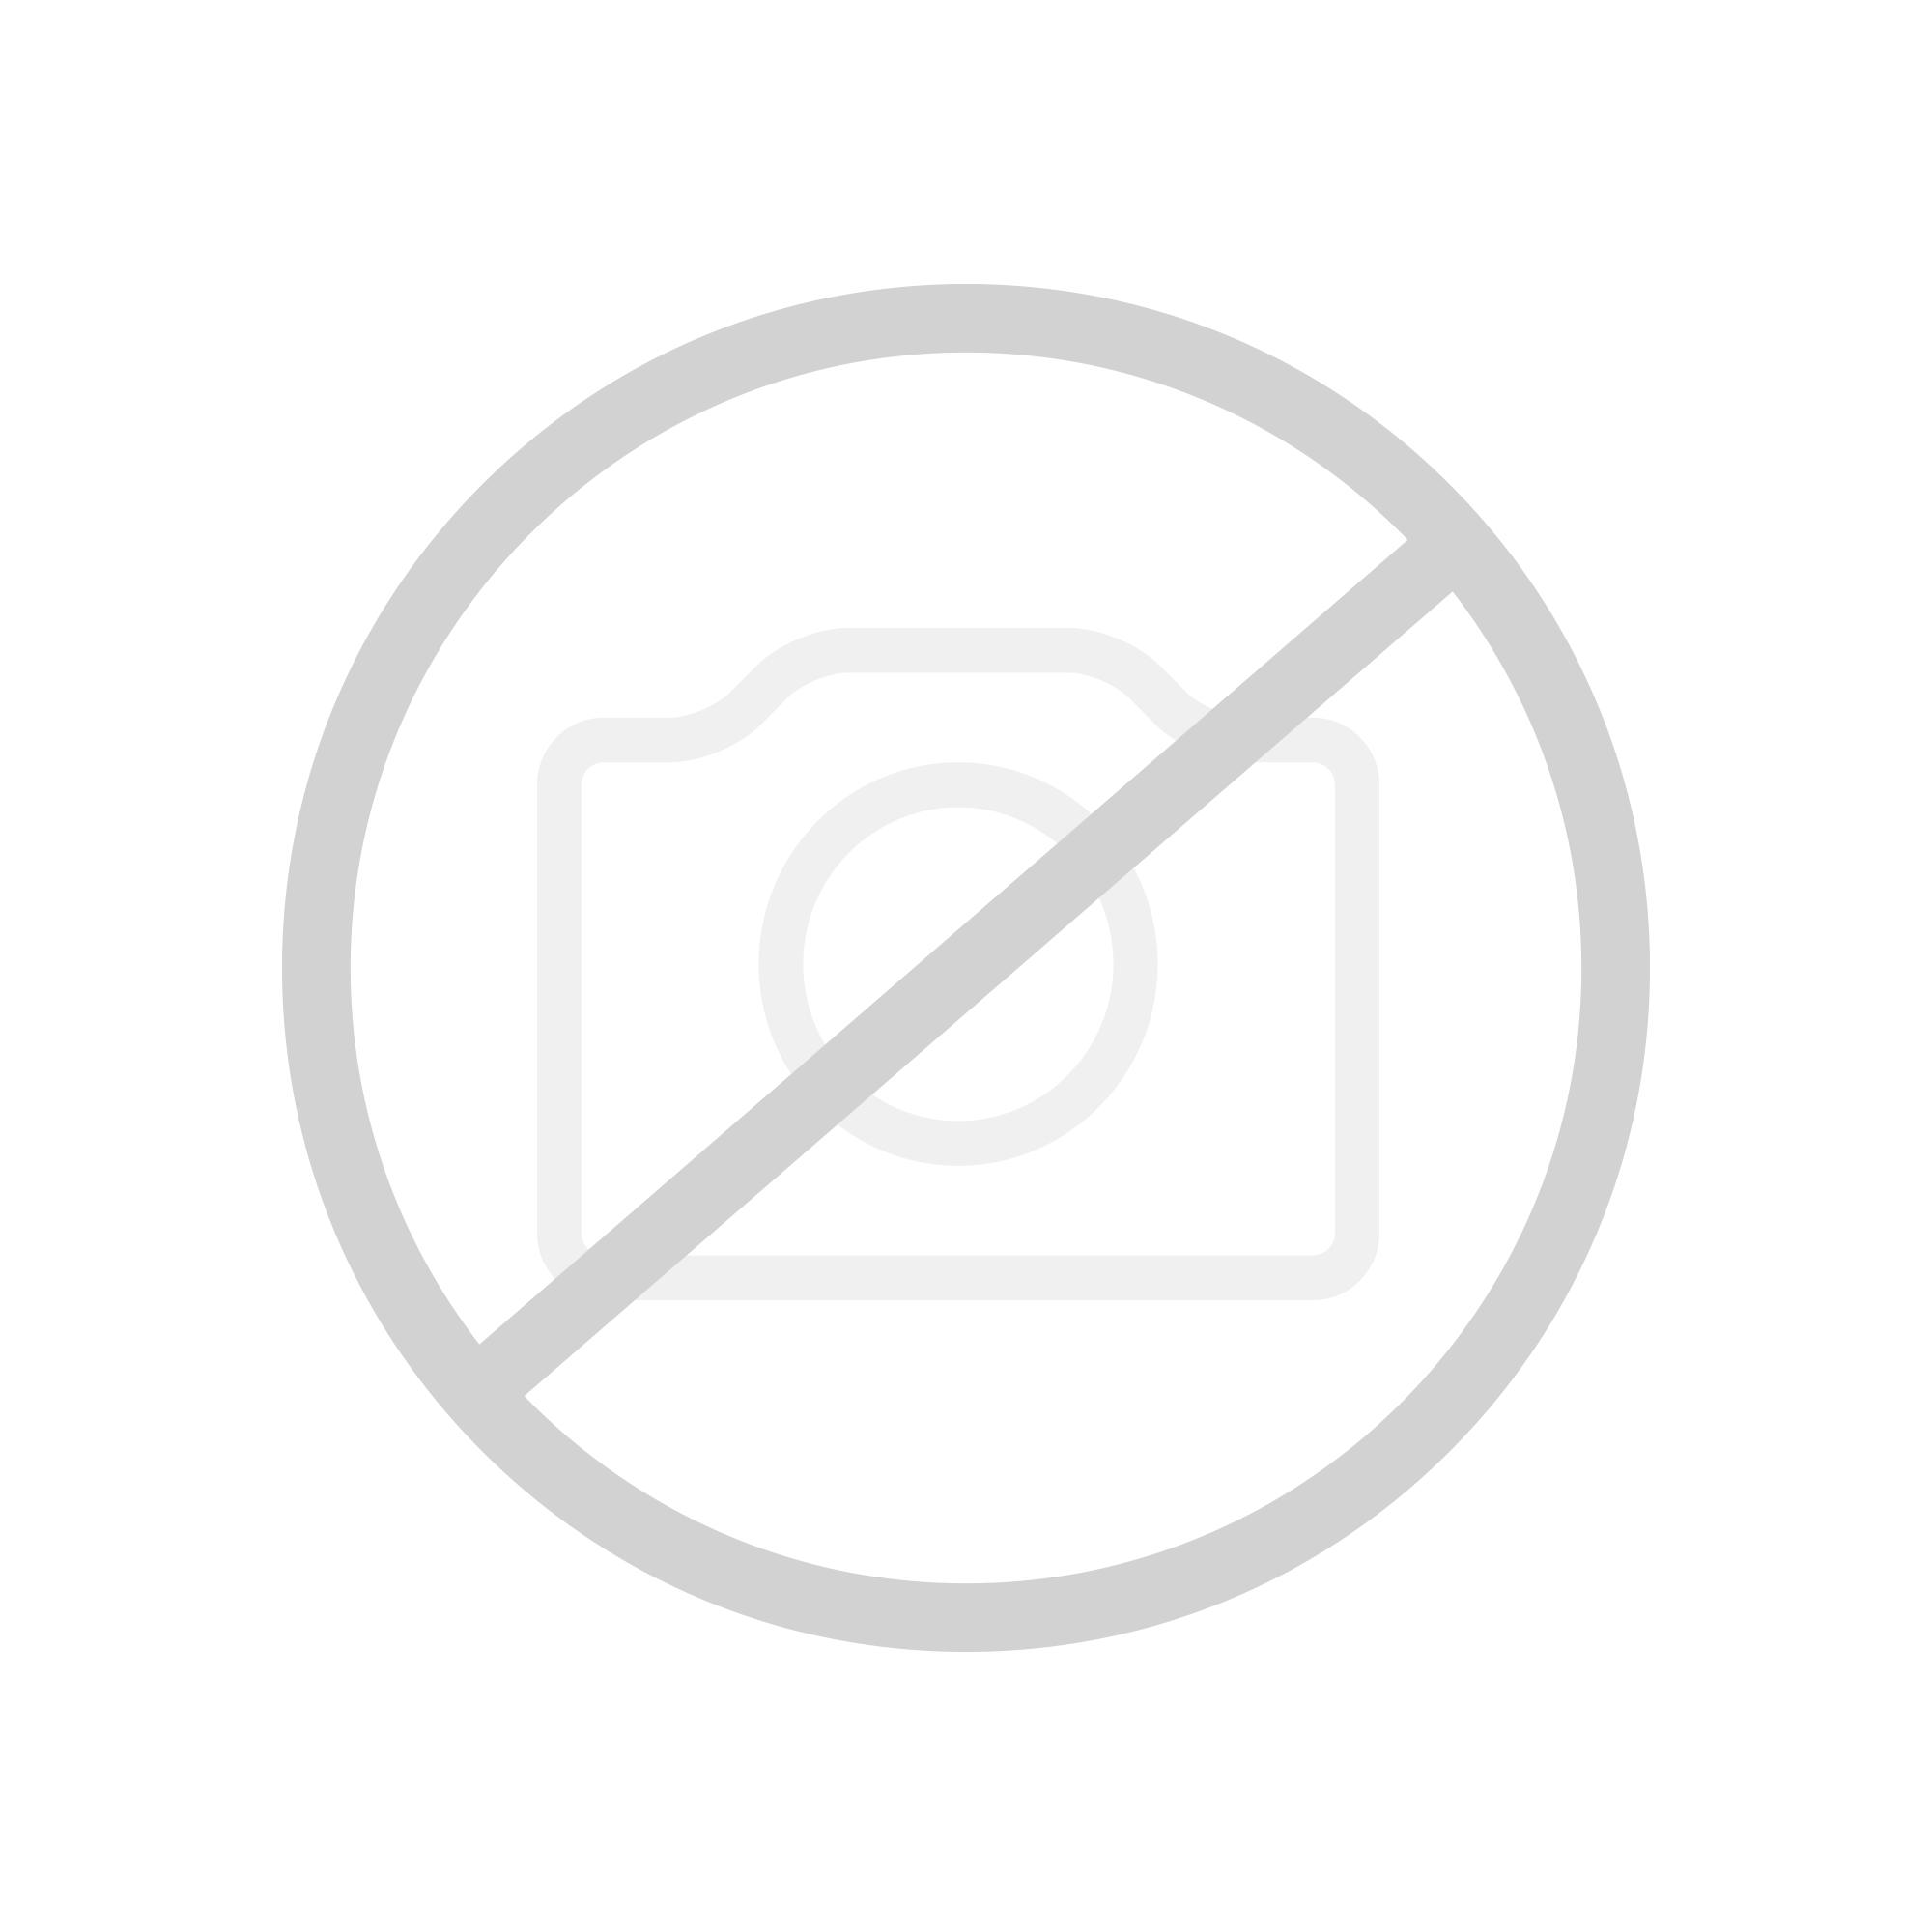 Vasco Agave HRBM-C Heizkörper